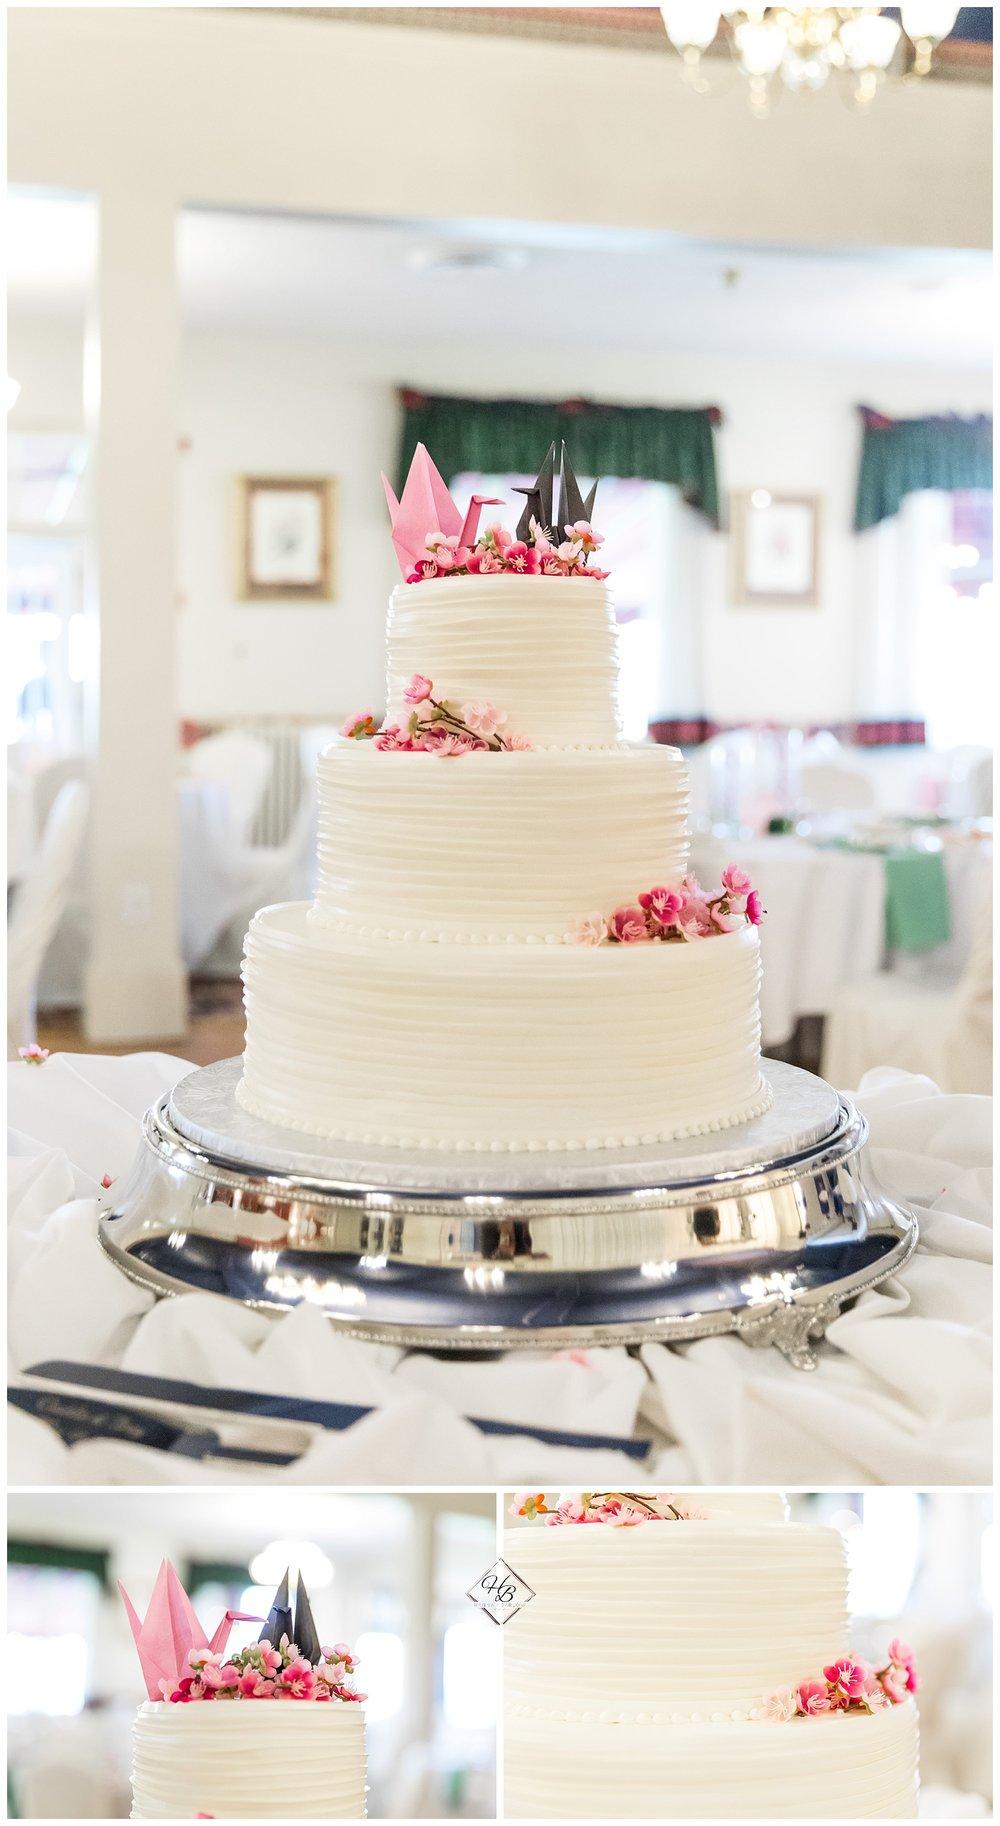 Nemacolin-Country-Club-Pennsylvania-Wedding-Photos_5209.JPG